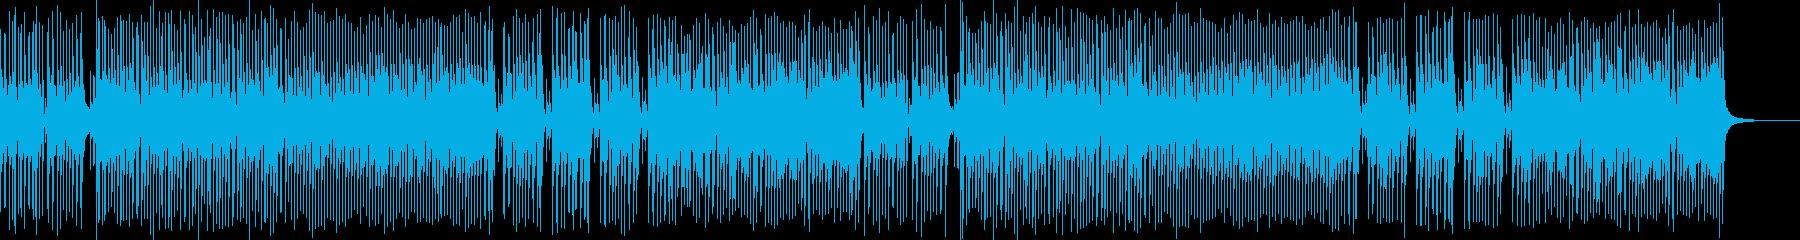 生演奏三味線 和風ダンス和を伝えるBGMの再生済みの波形